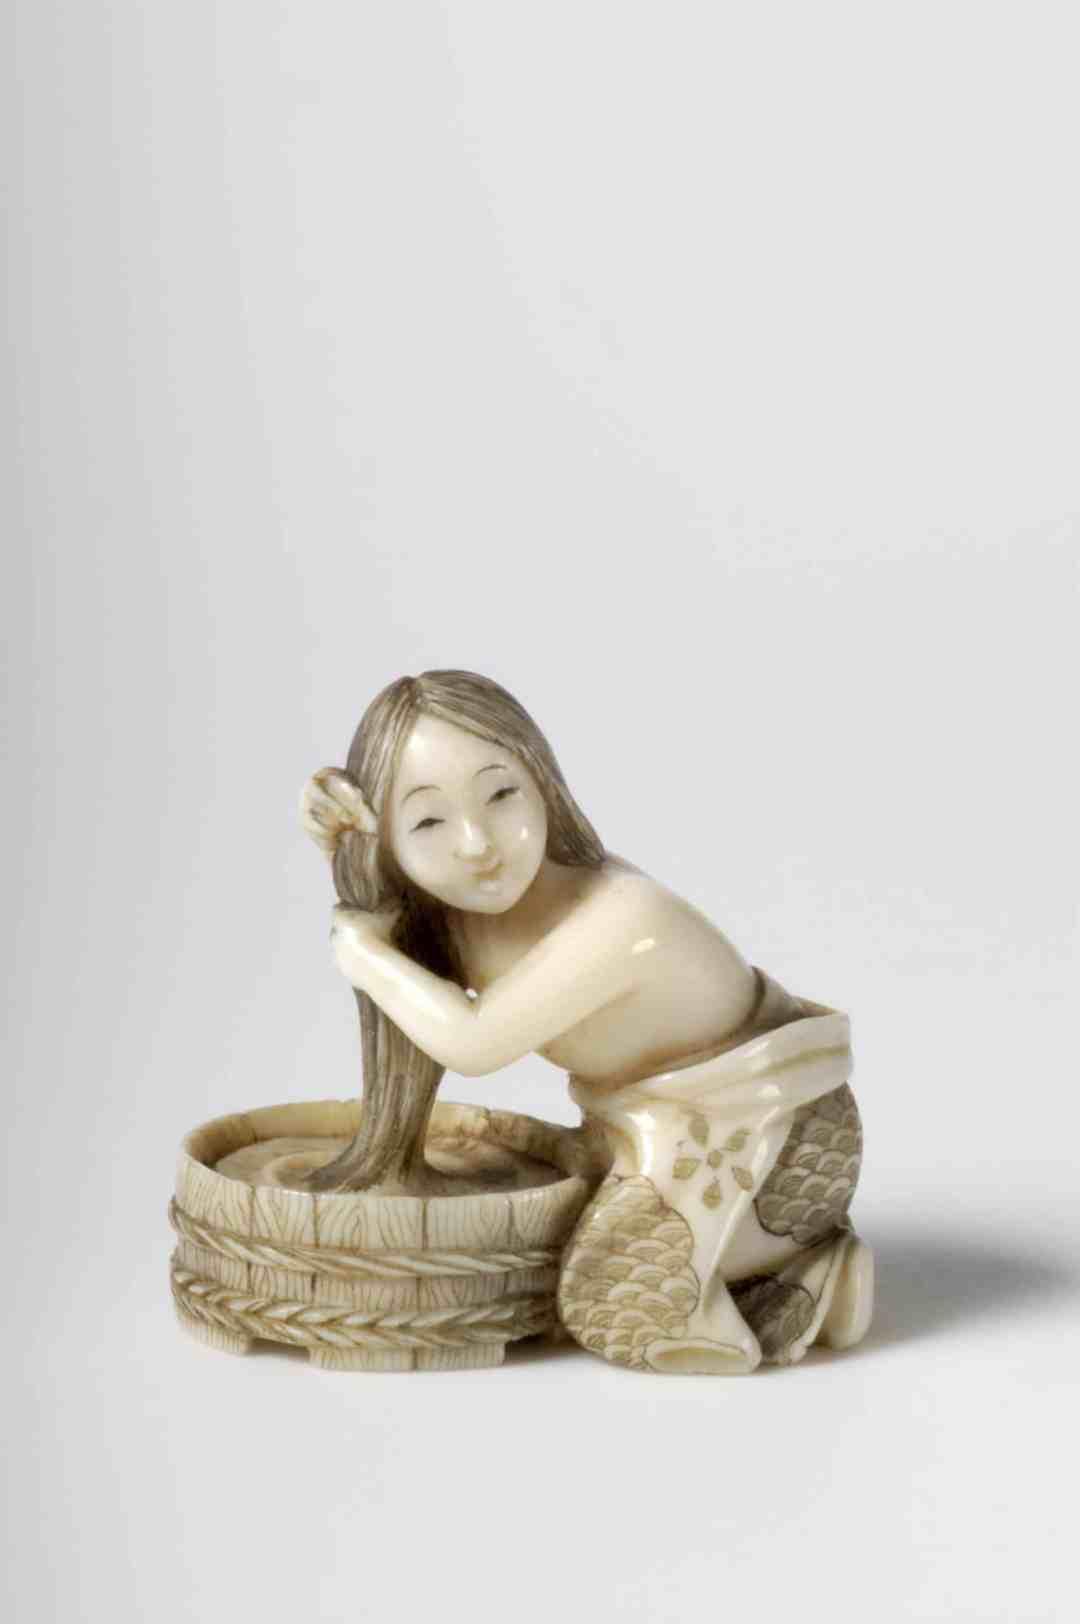 Yasumasa, Frau, Haare waschend, ca. 1900, 3,2 cm, Elfenbein, Düsseldorf, Kunstpalast, Inventarnummer: P2005-418, Foto: © Kunstpalast - Lothar Milatz – ARTOTHEK